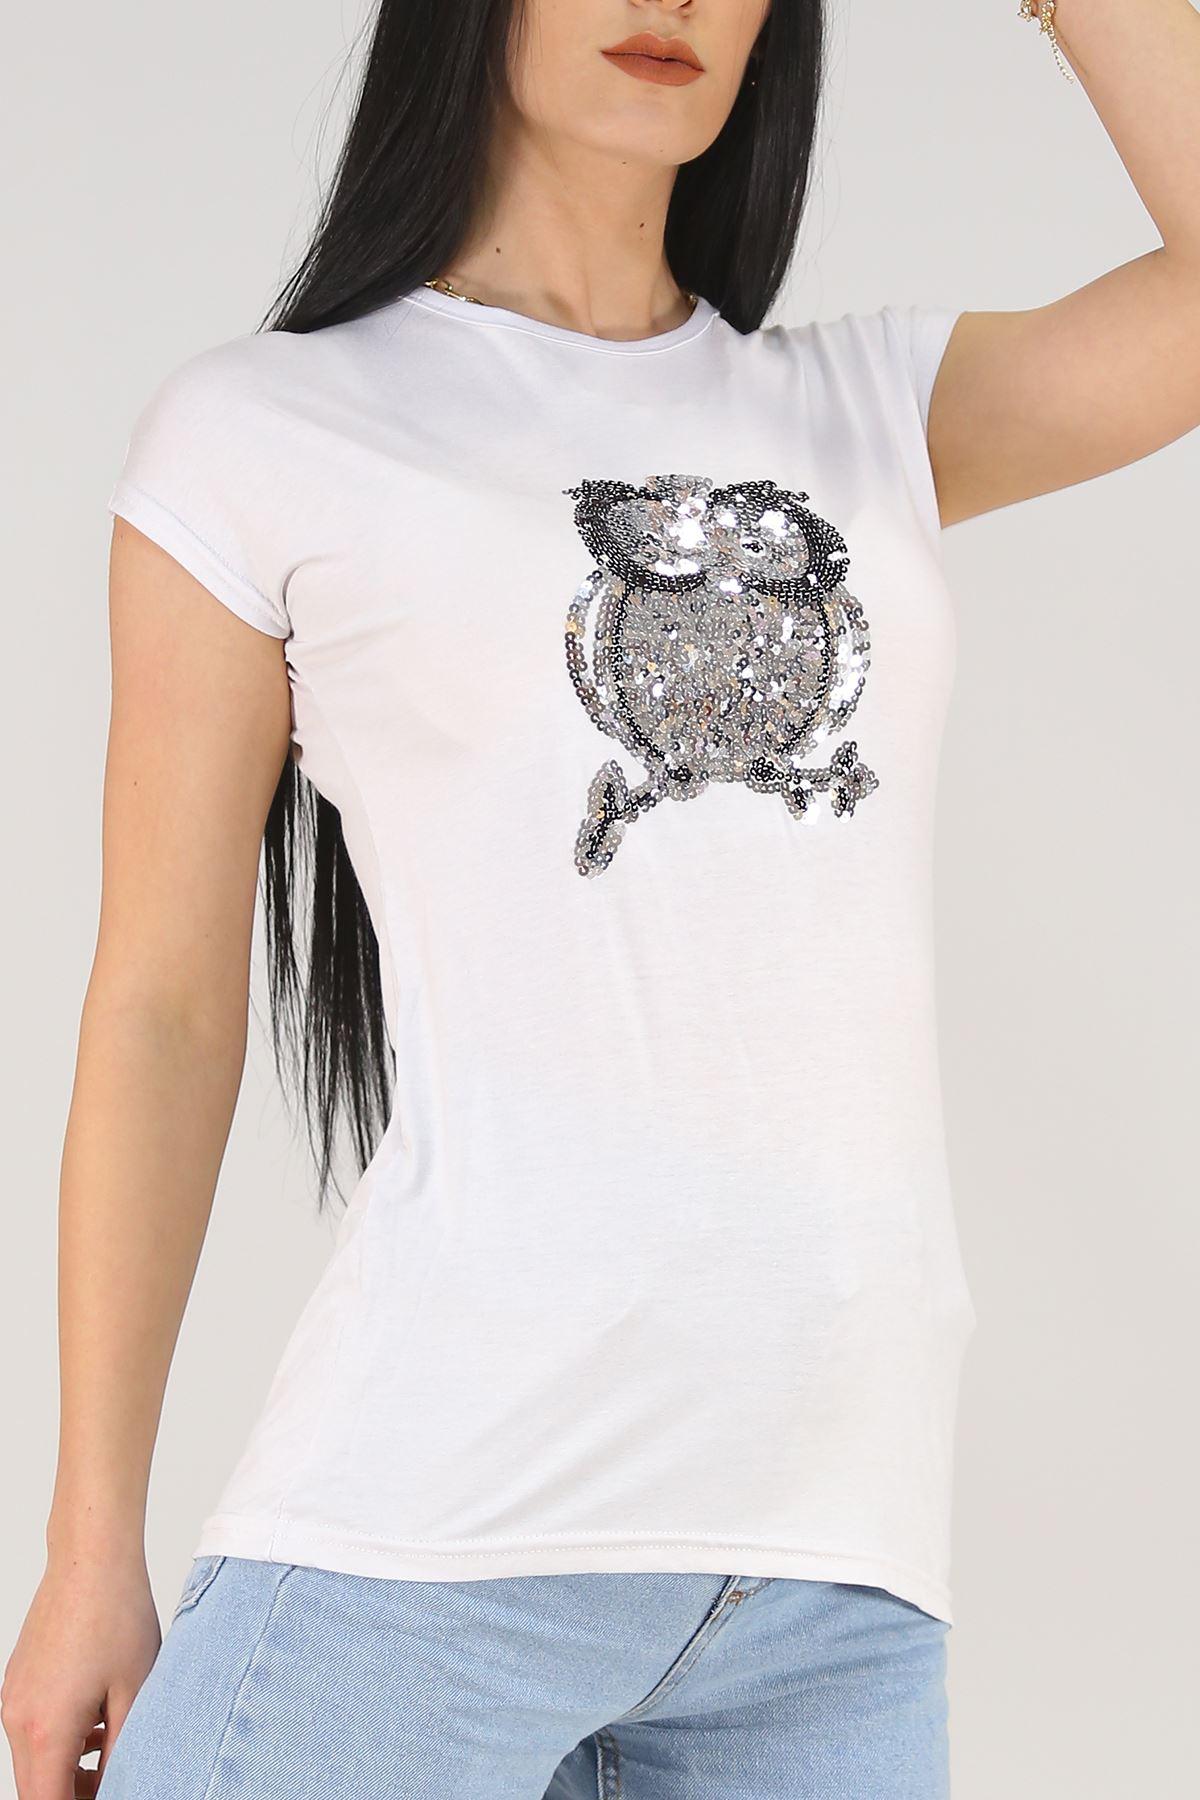 Pullu Baykuş Tişört Beyaz - 5030.139.